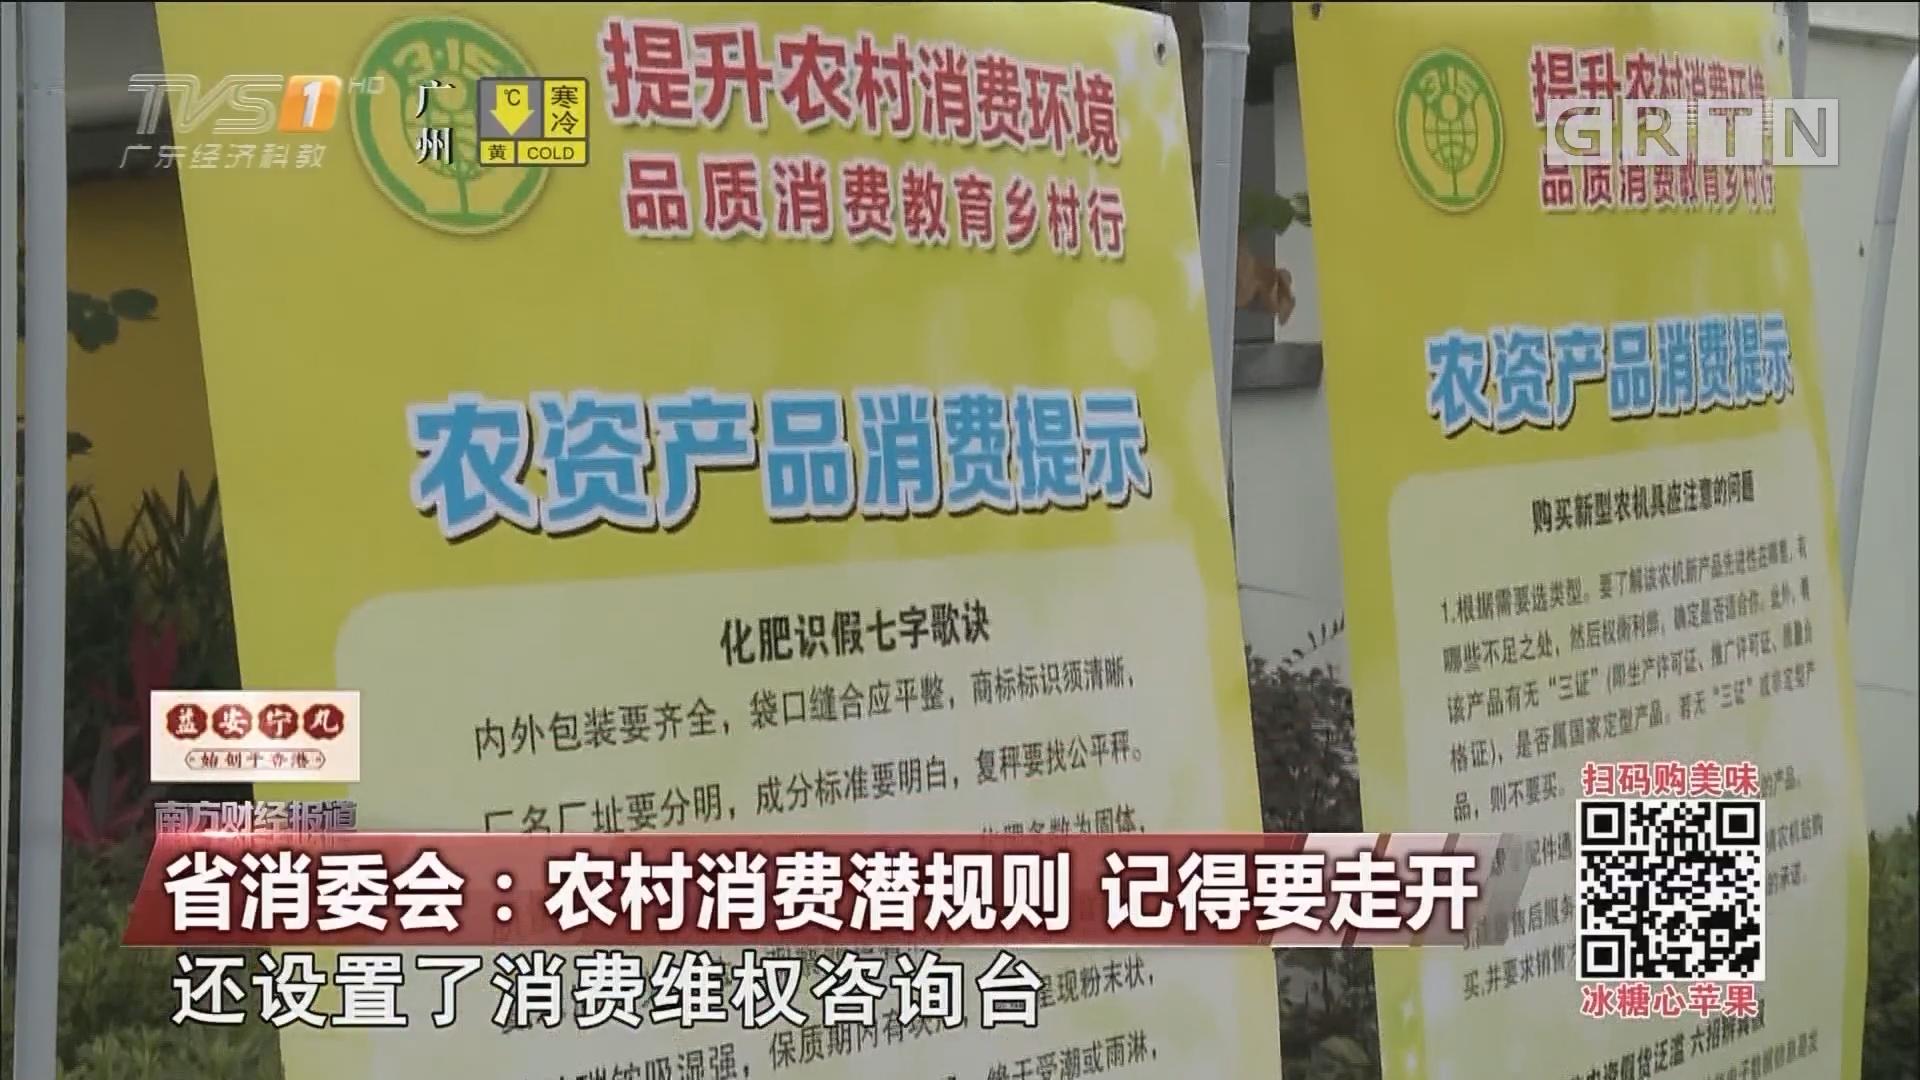 省消委会:农村消费潜规则 记得要走开